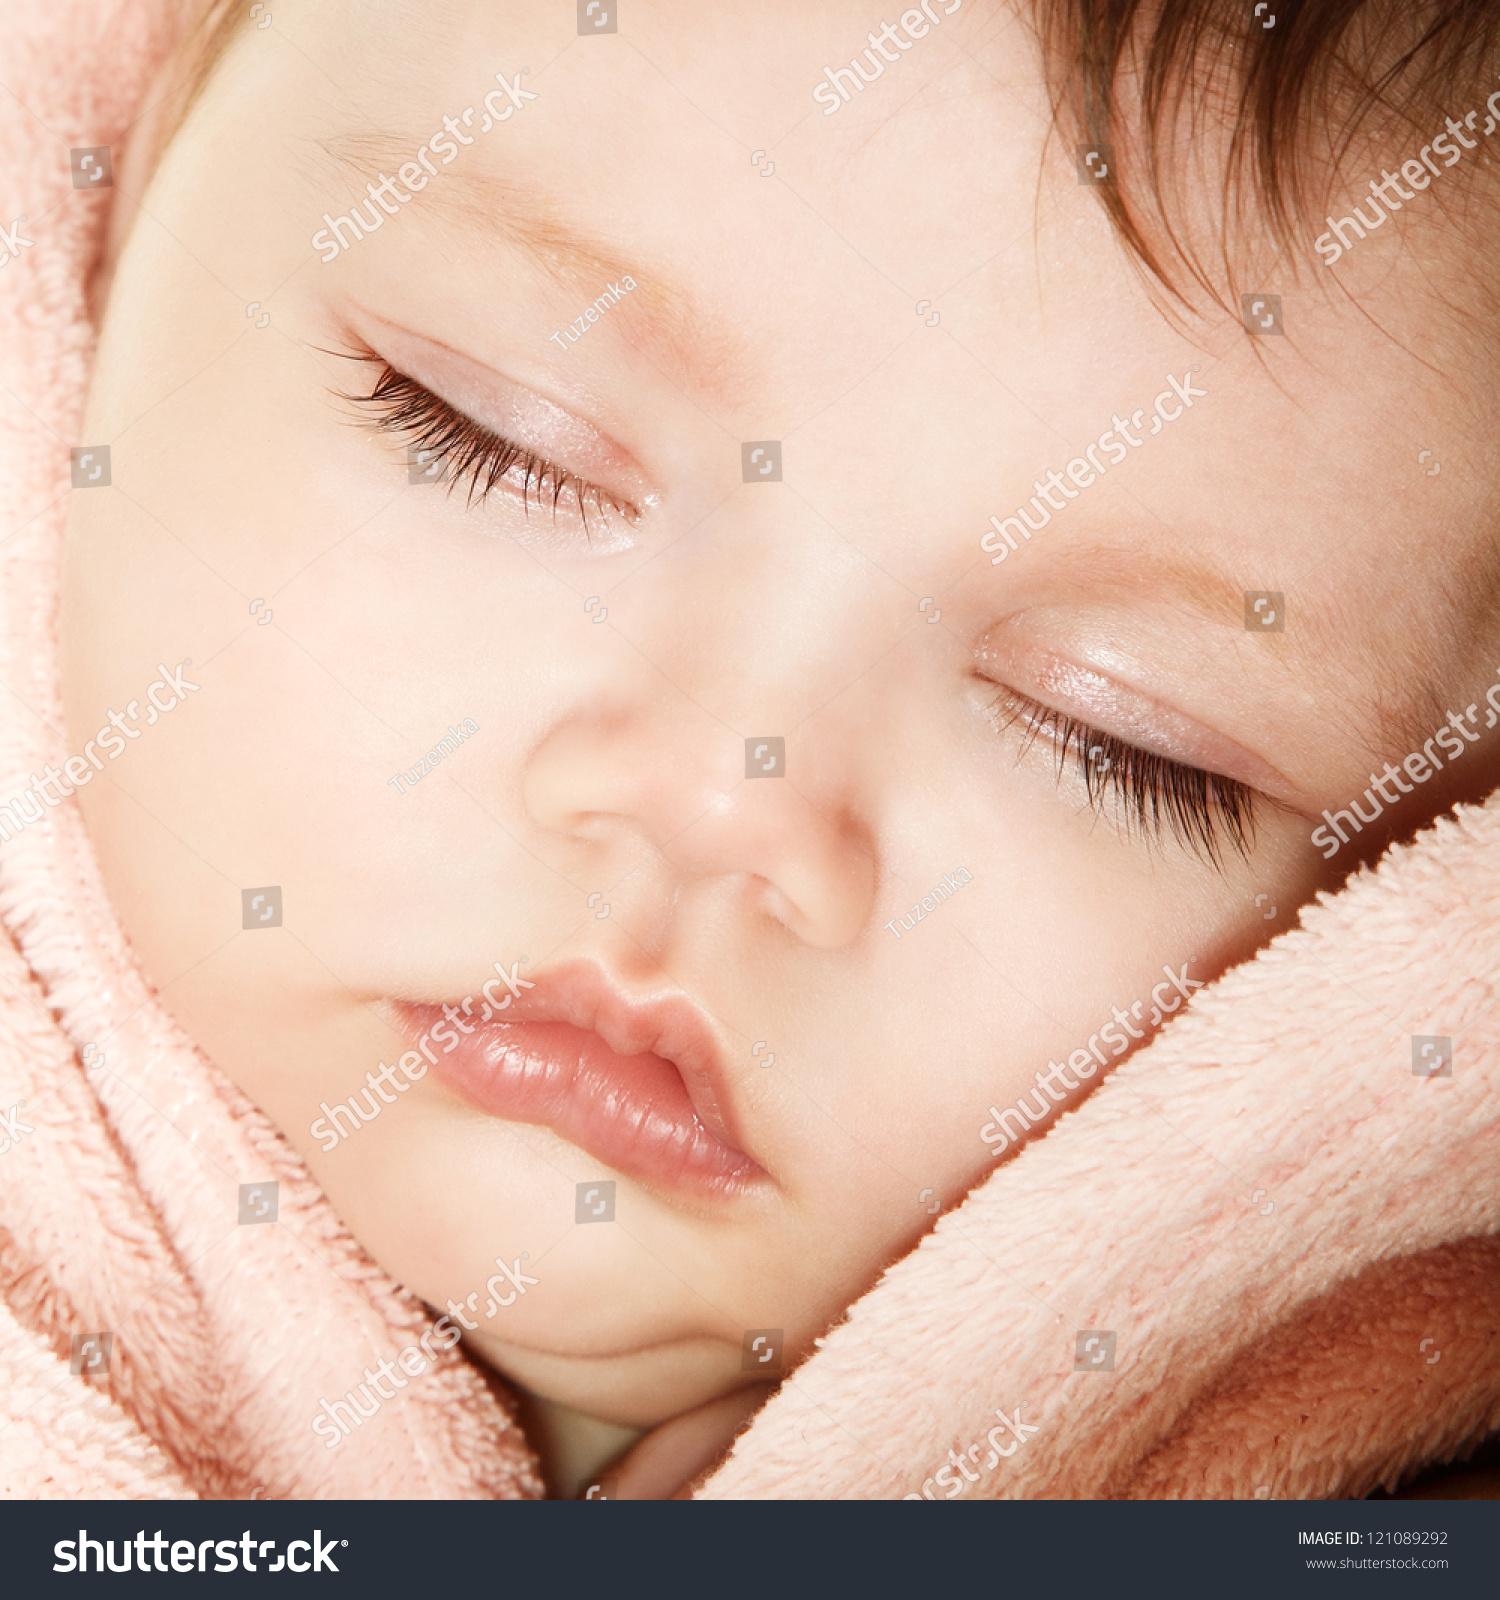 可爱的婴儿宝宝睡觉,美丽的孩子的脸部特写